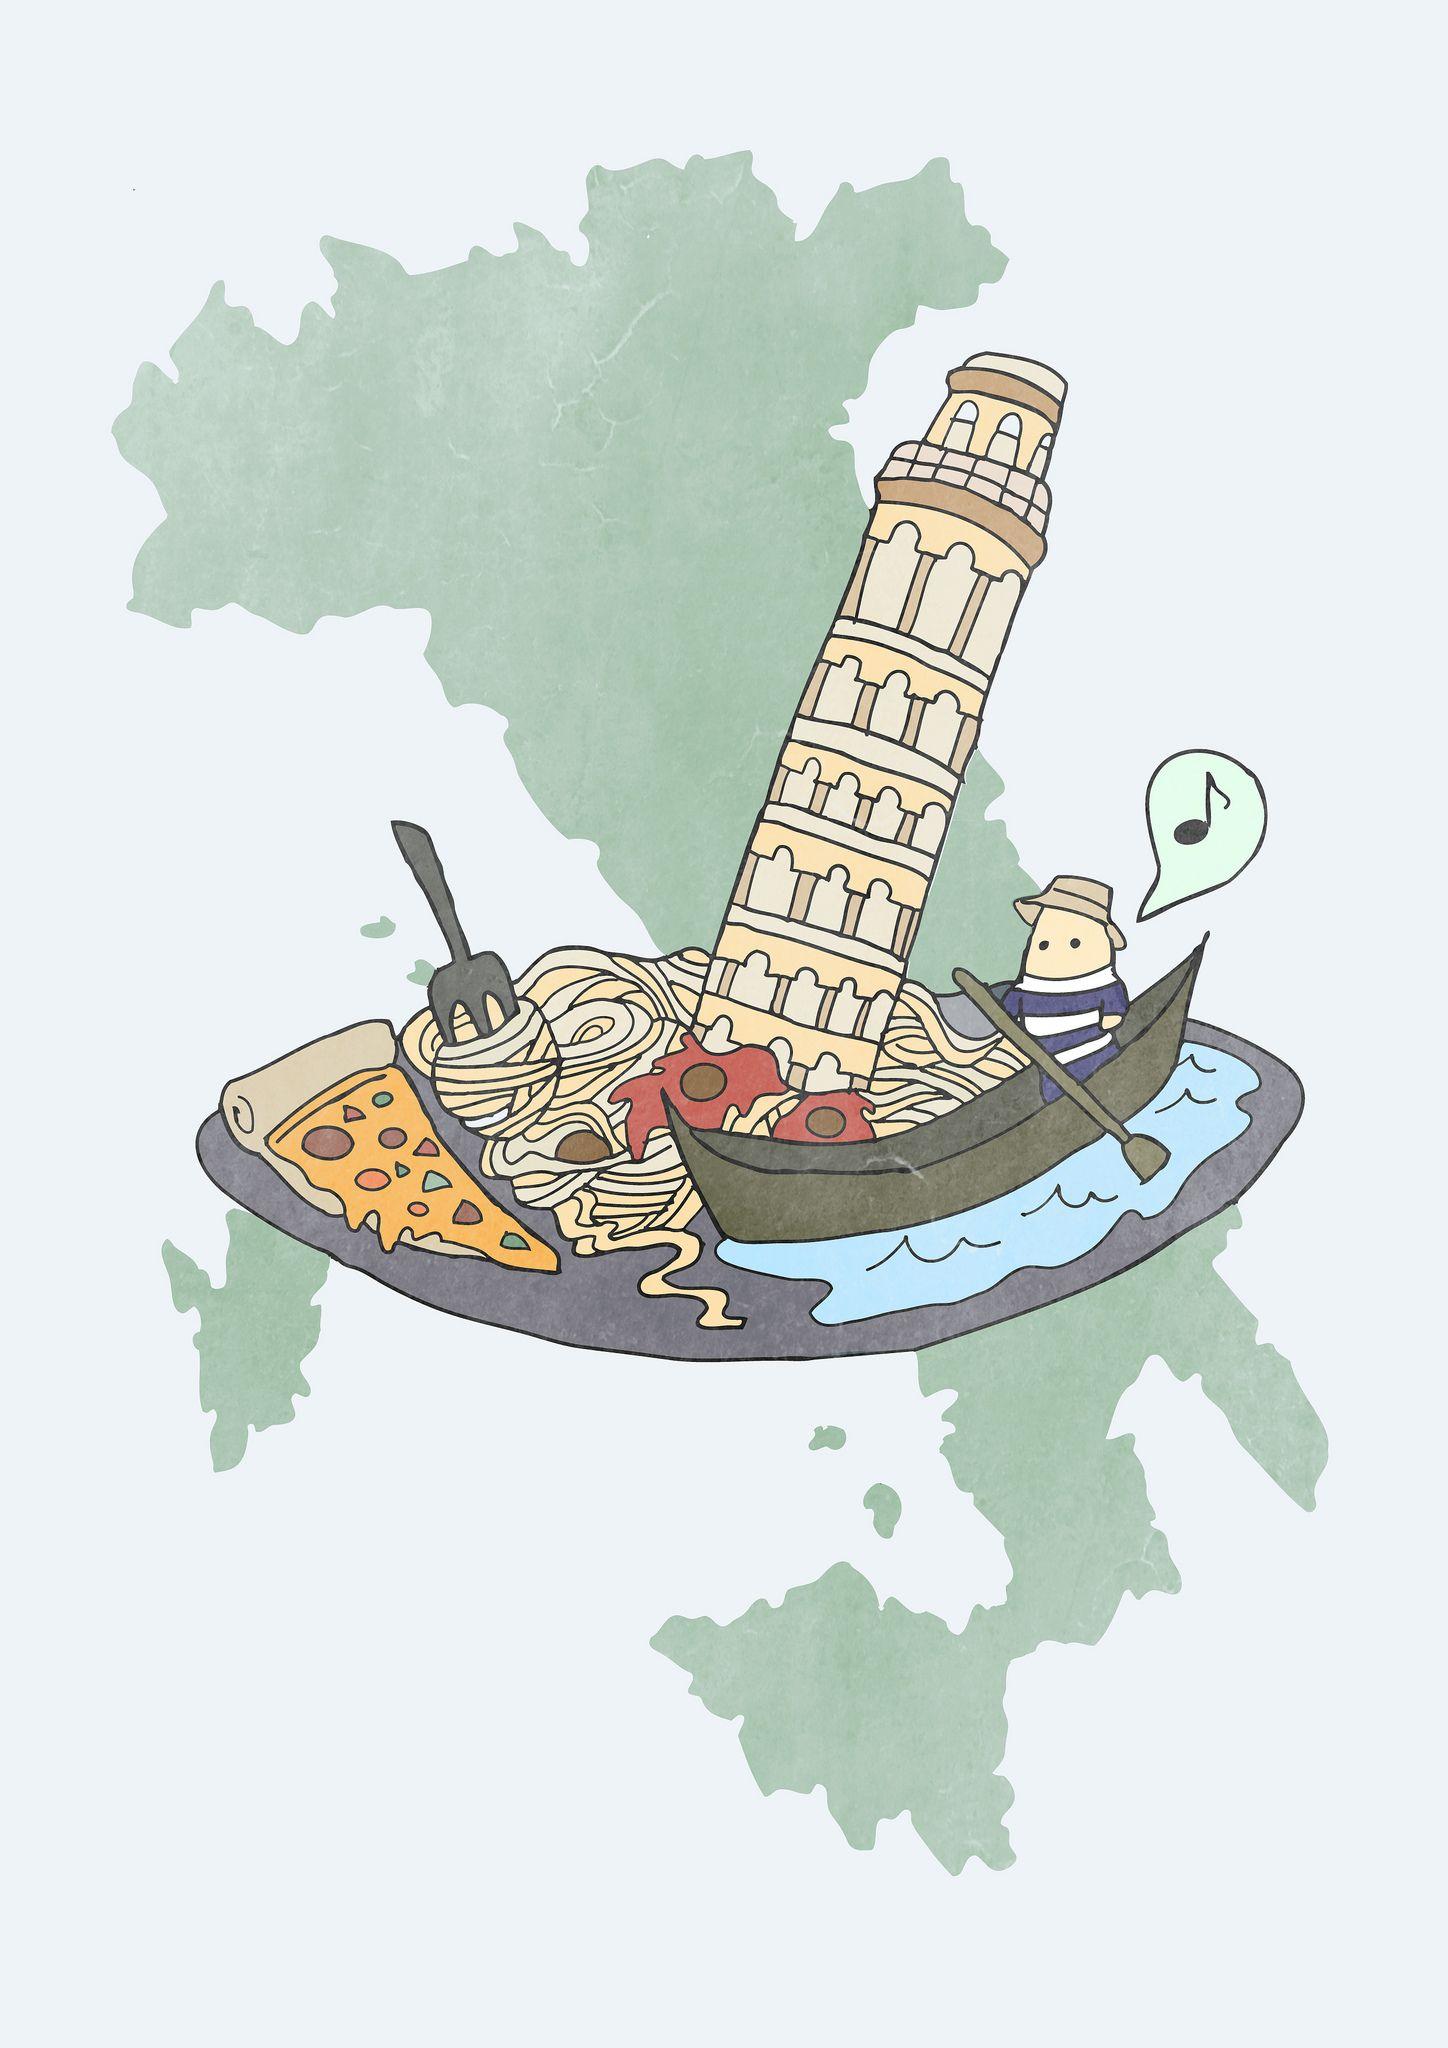 Самые популярные, картинки про италию для детей